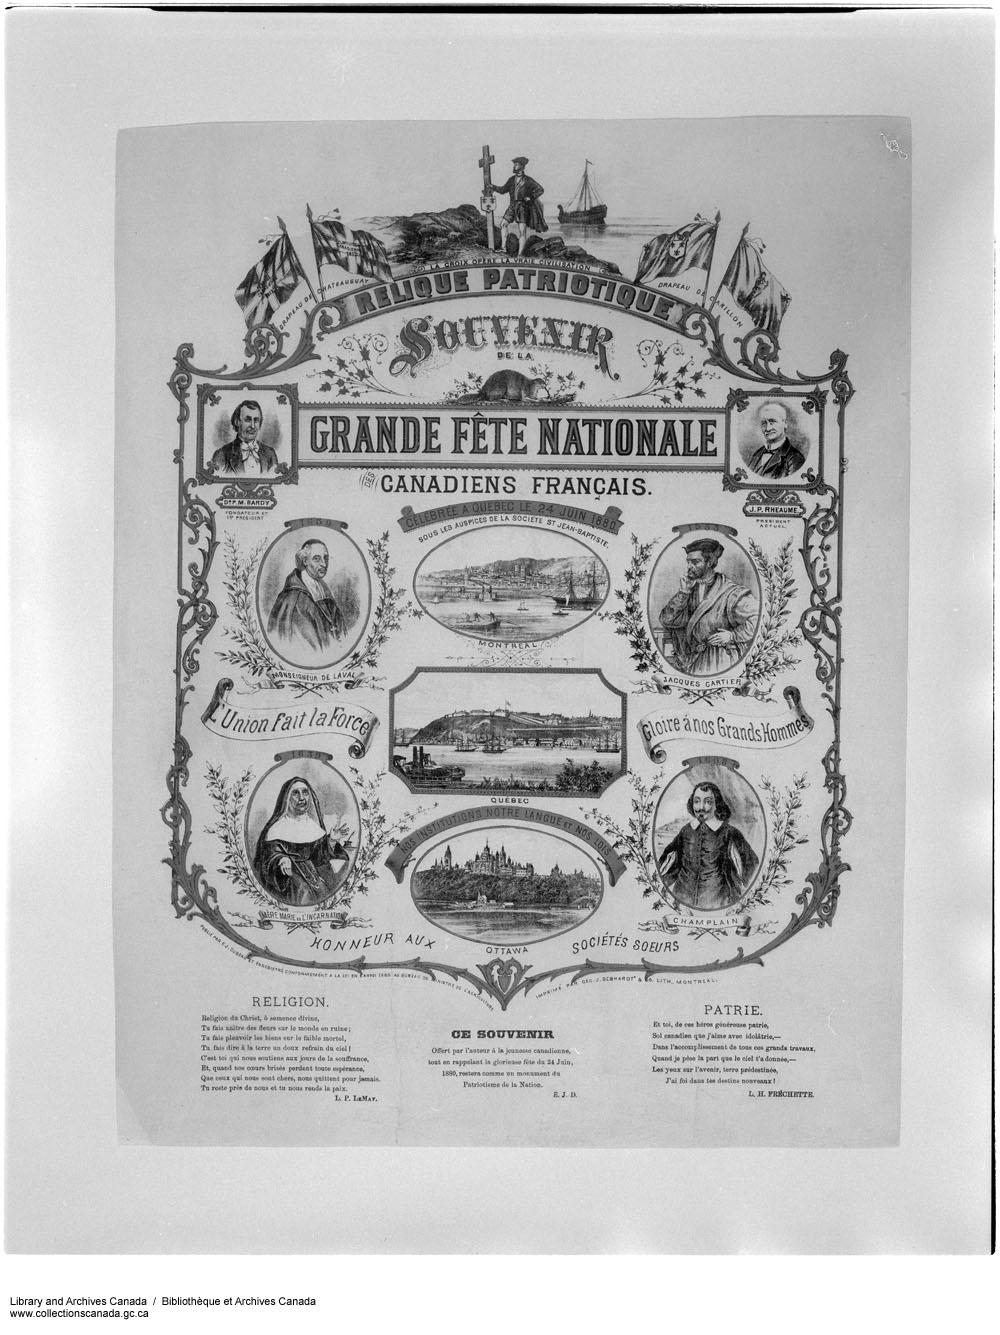 Souvenir of the St-Jean-Baptiste Day, Québec City (1880)